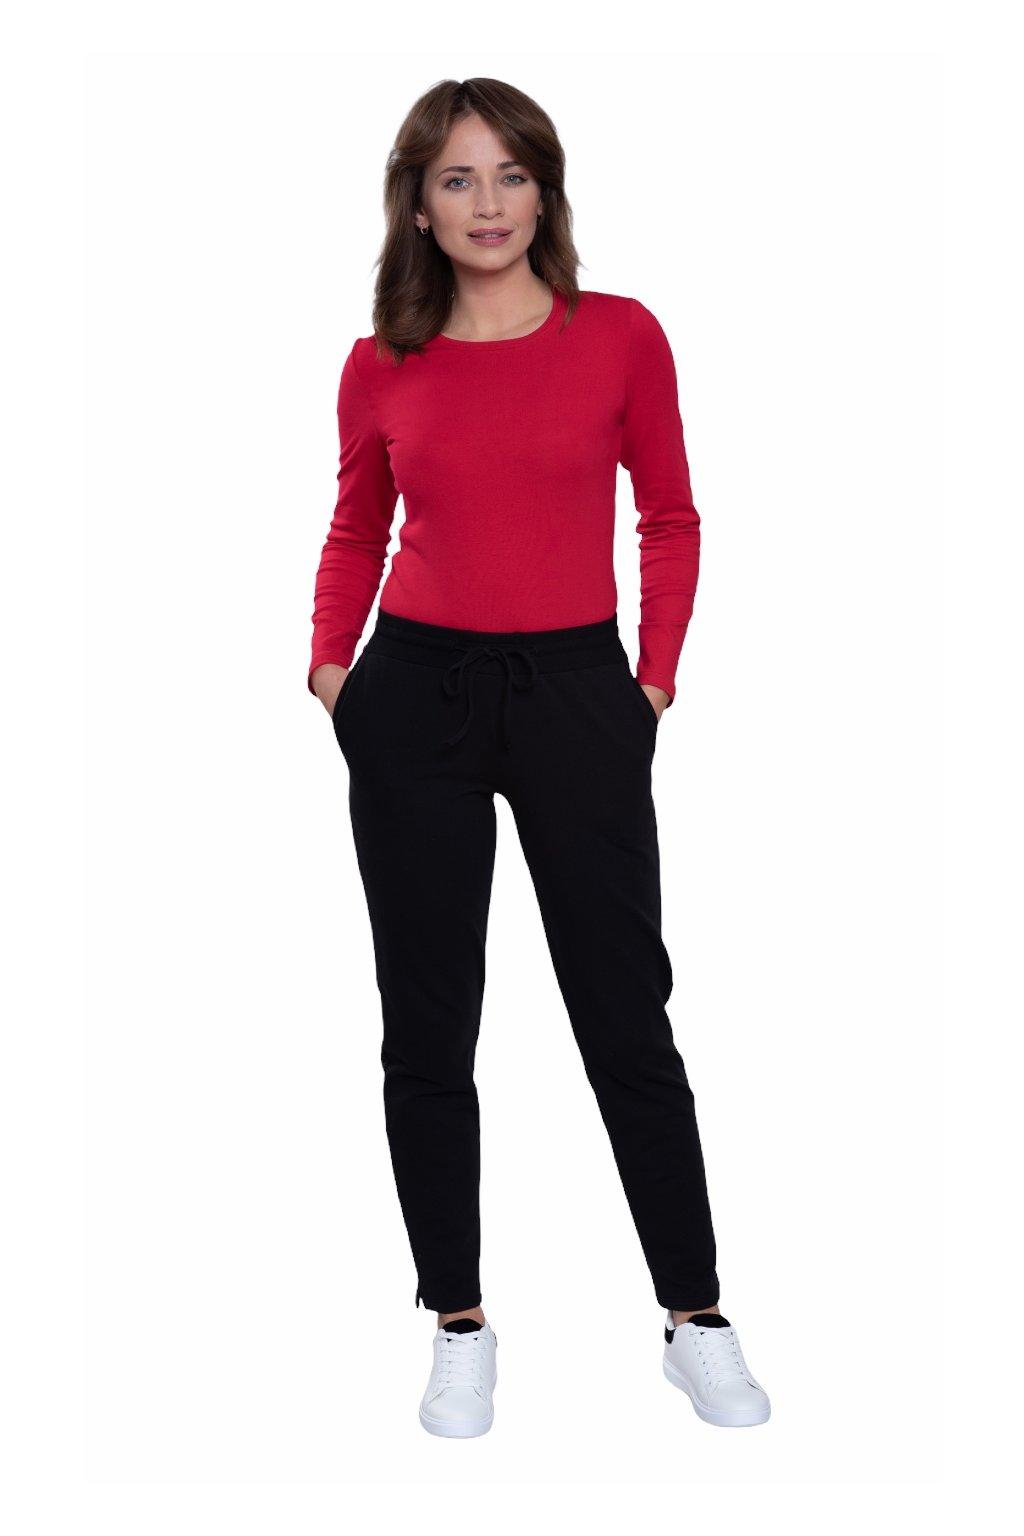 Dámské kalhoty, 10131 29, černá